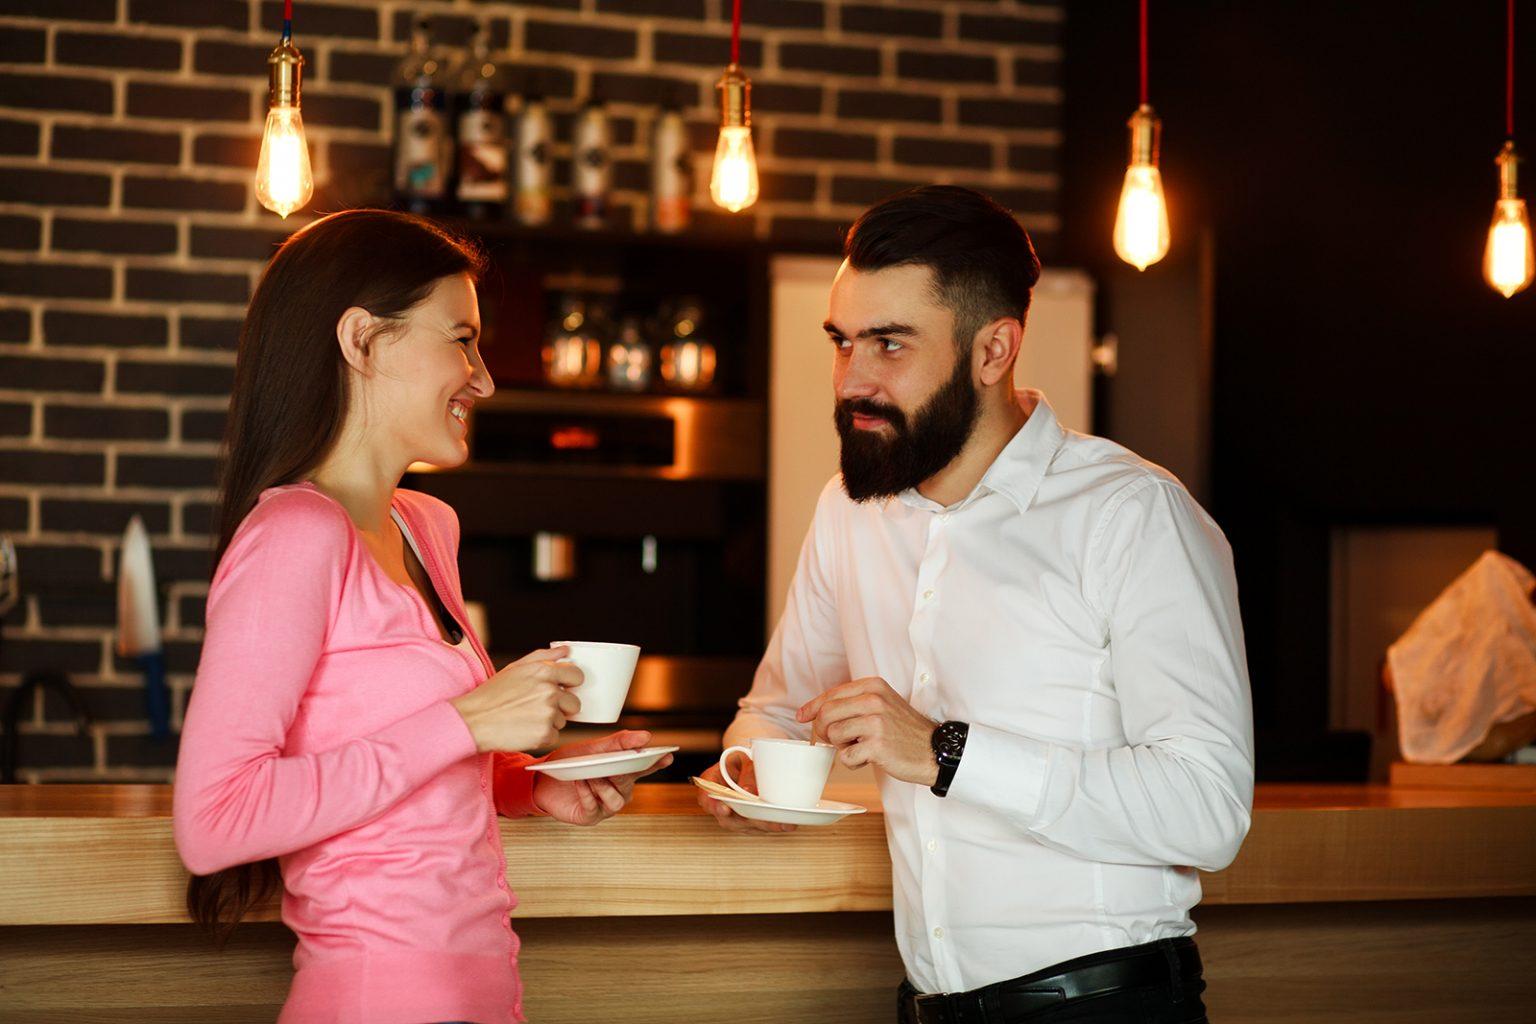 Widder frau flirten